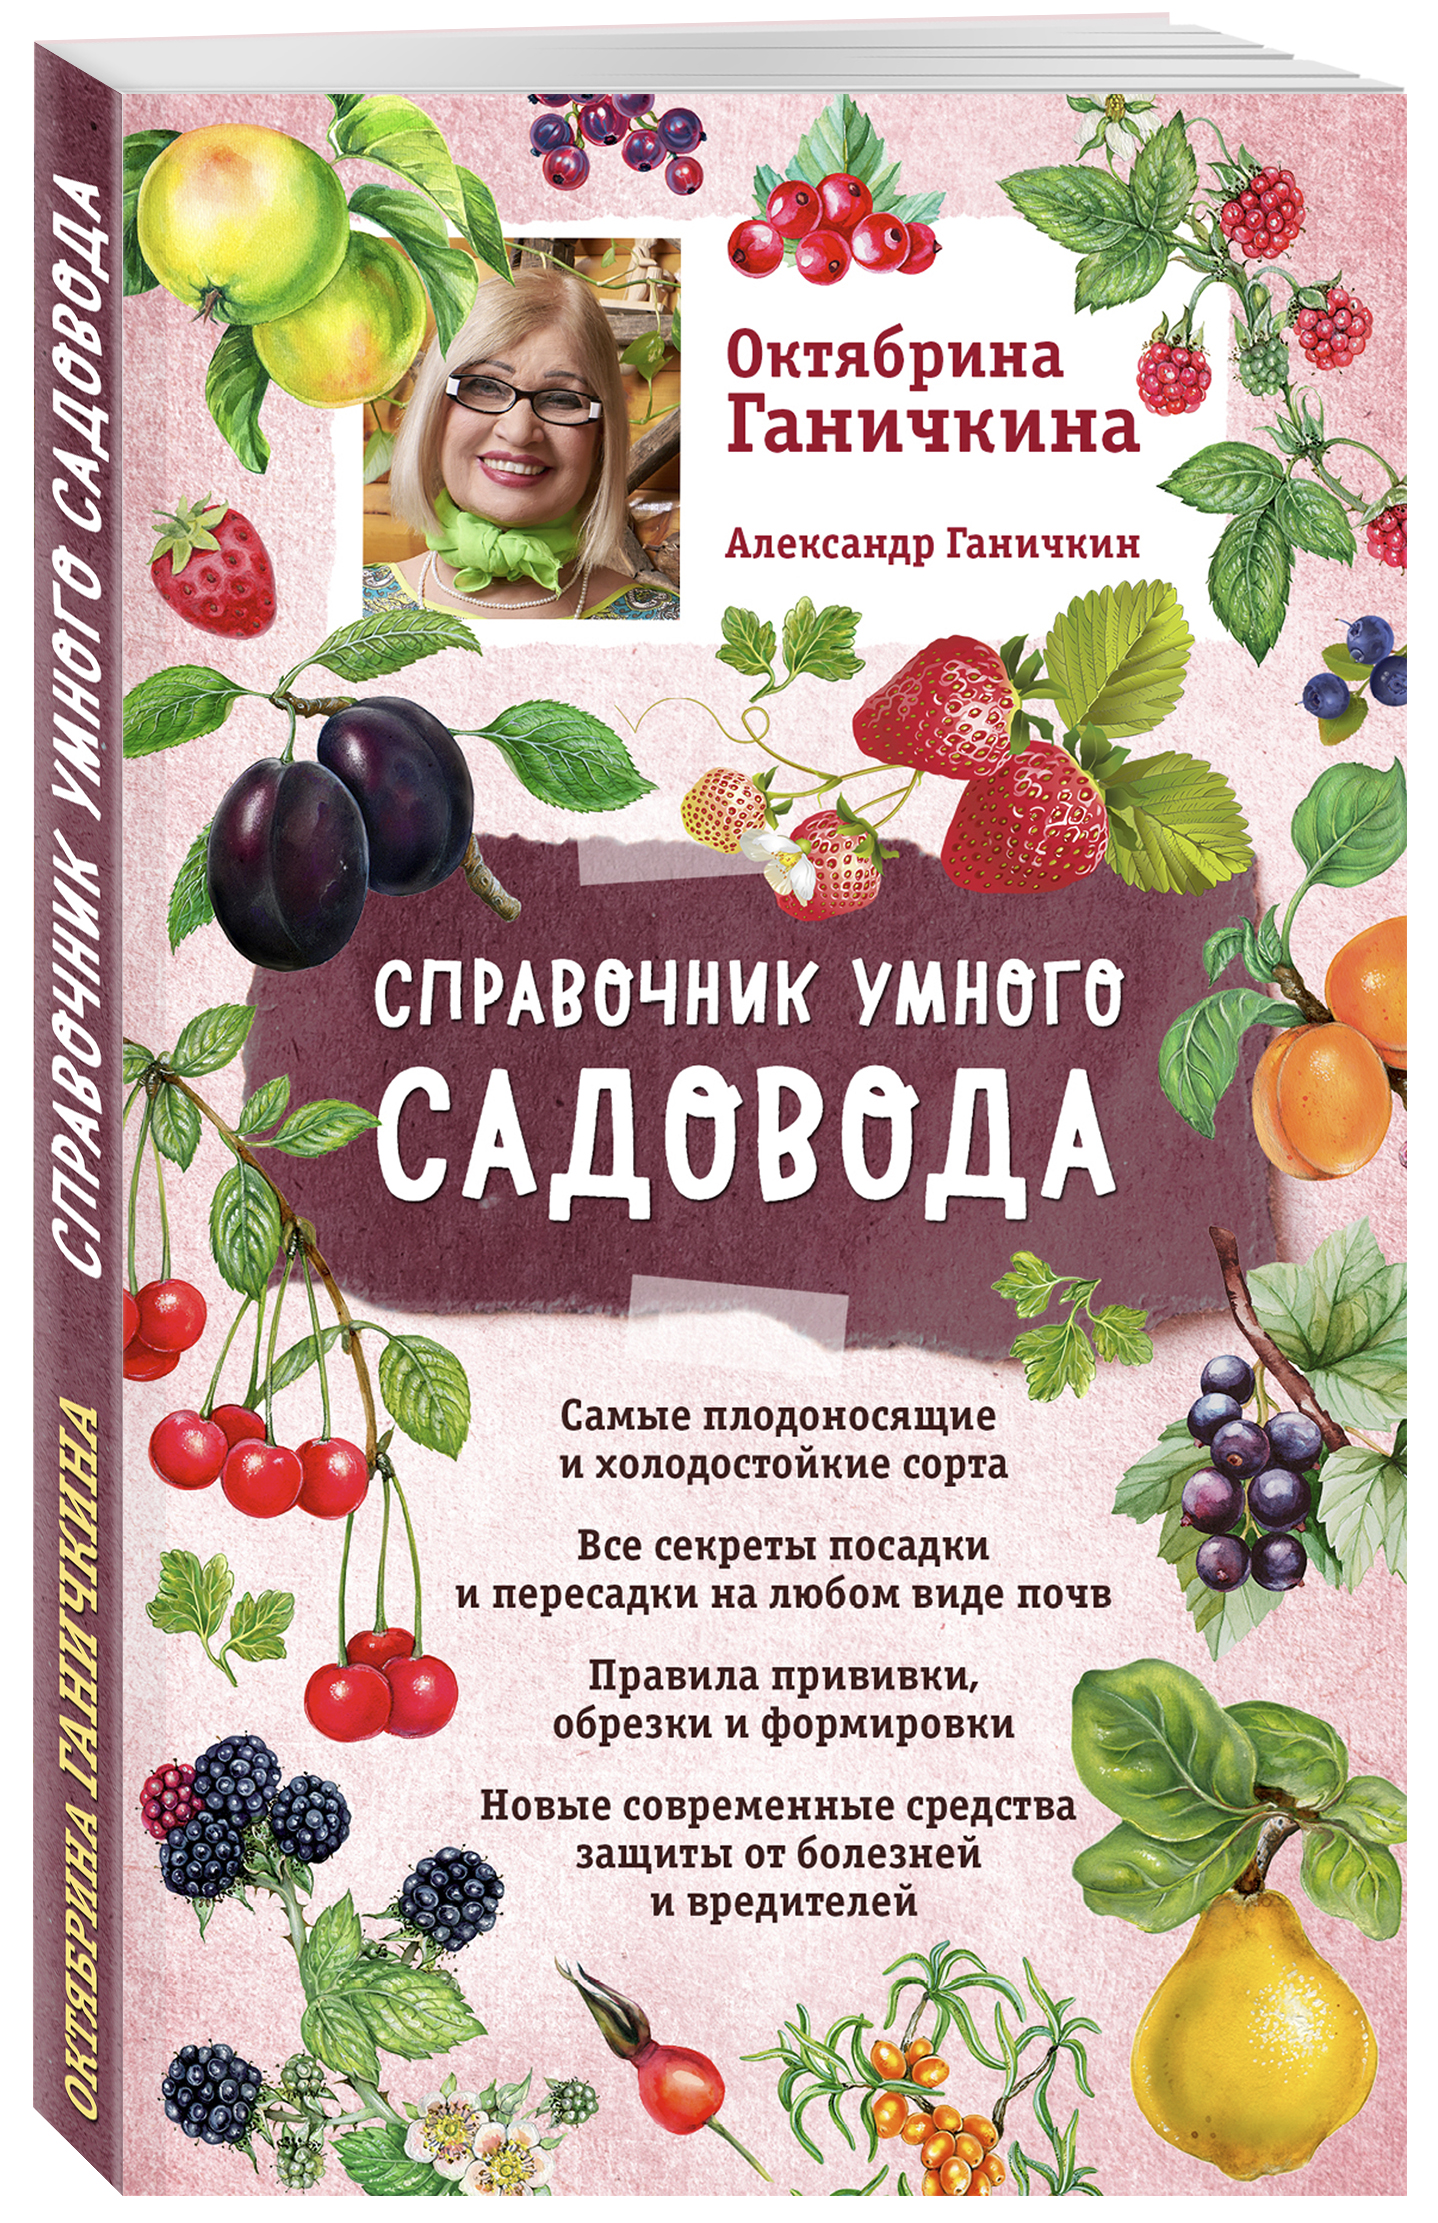 Ганичкина О.А., Ганичкин А.В. Справочник умного садовода (нов. оф.)